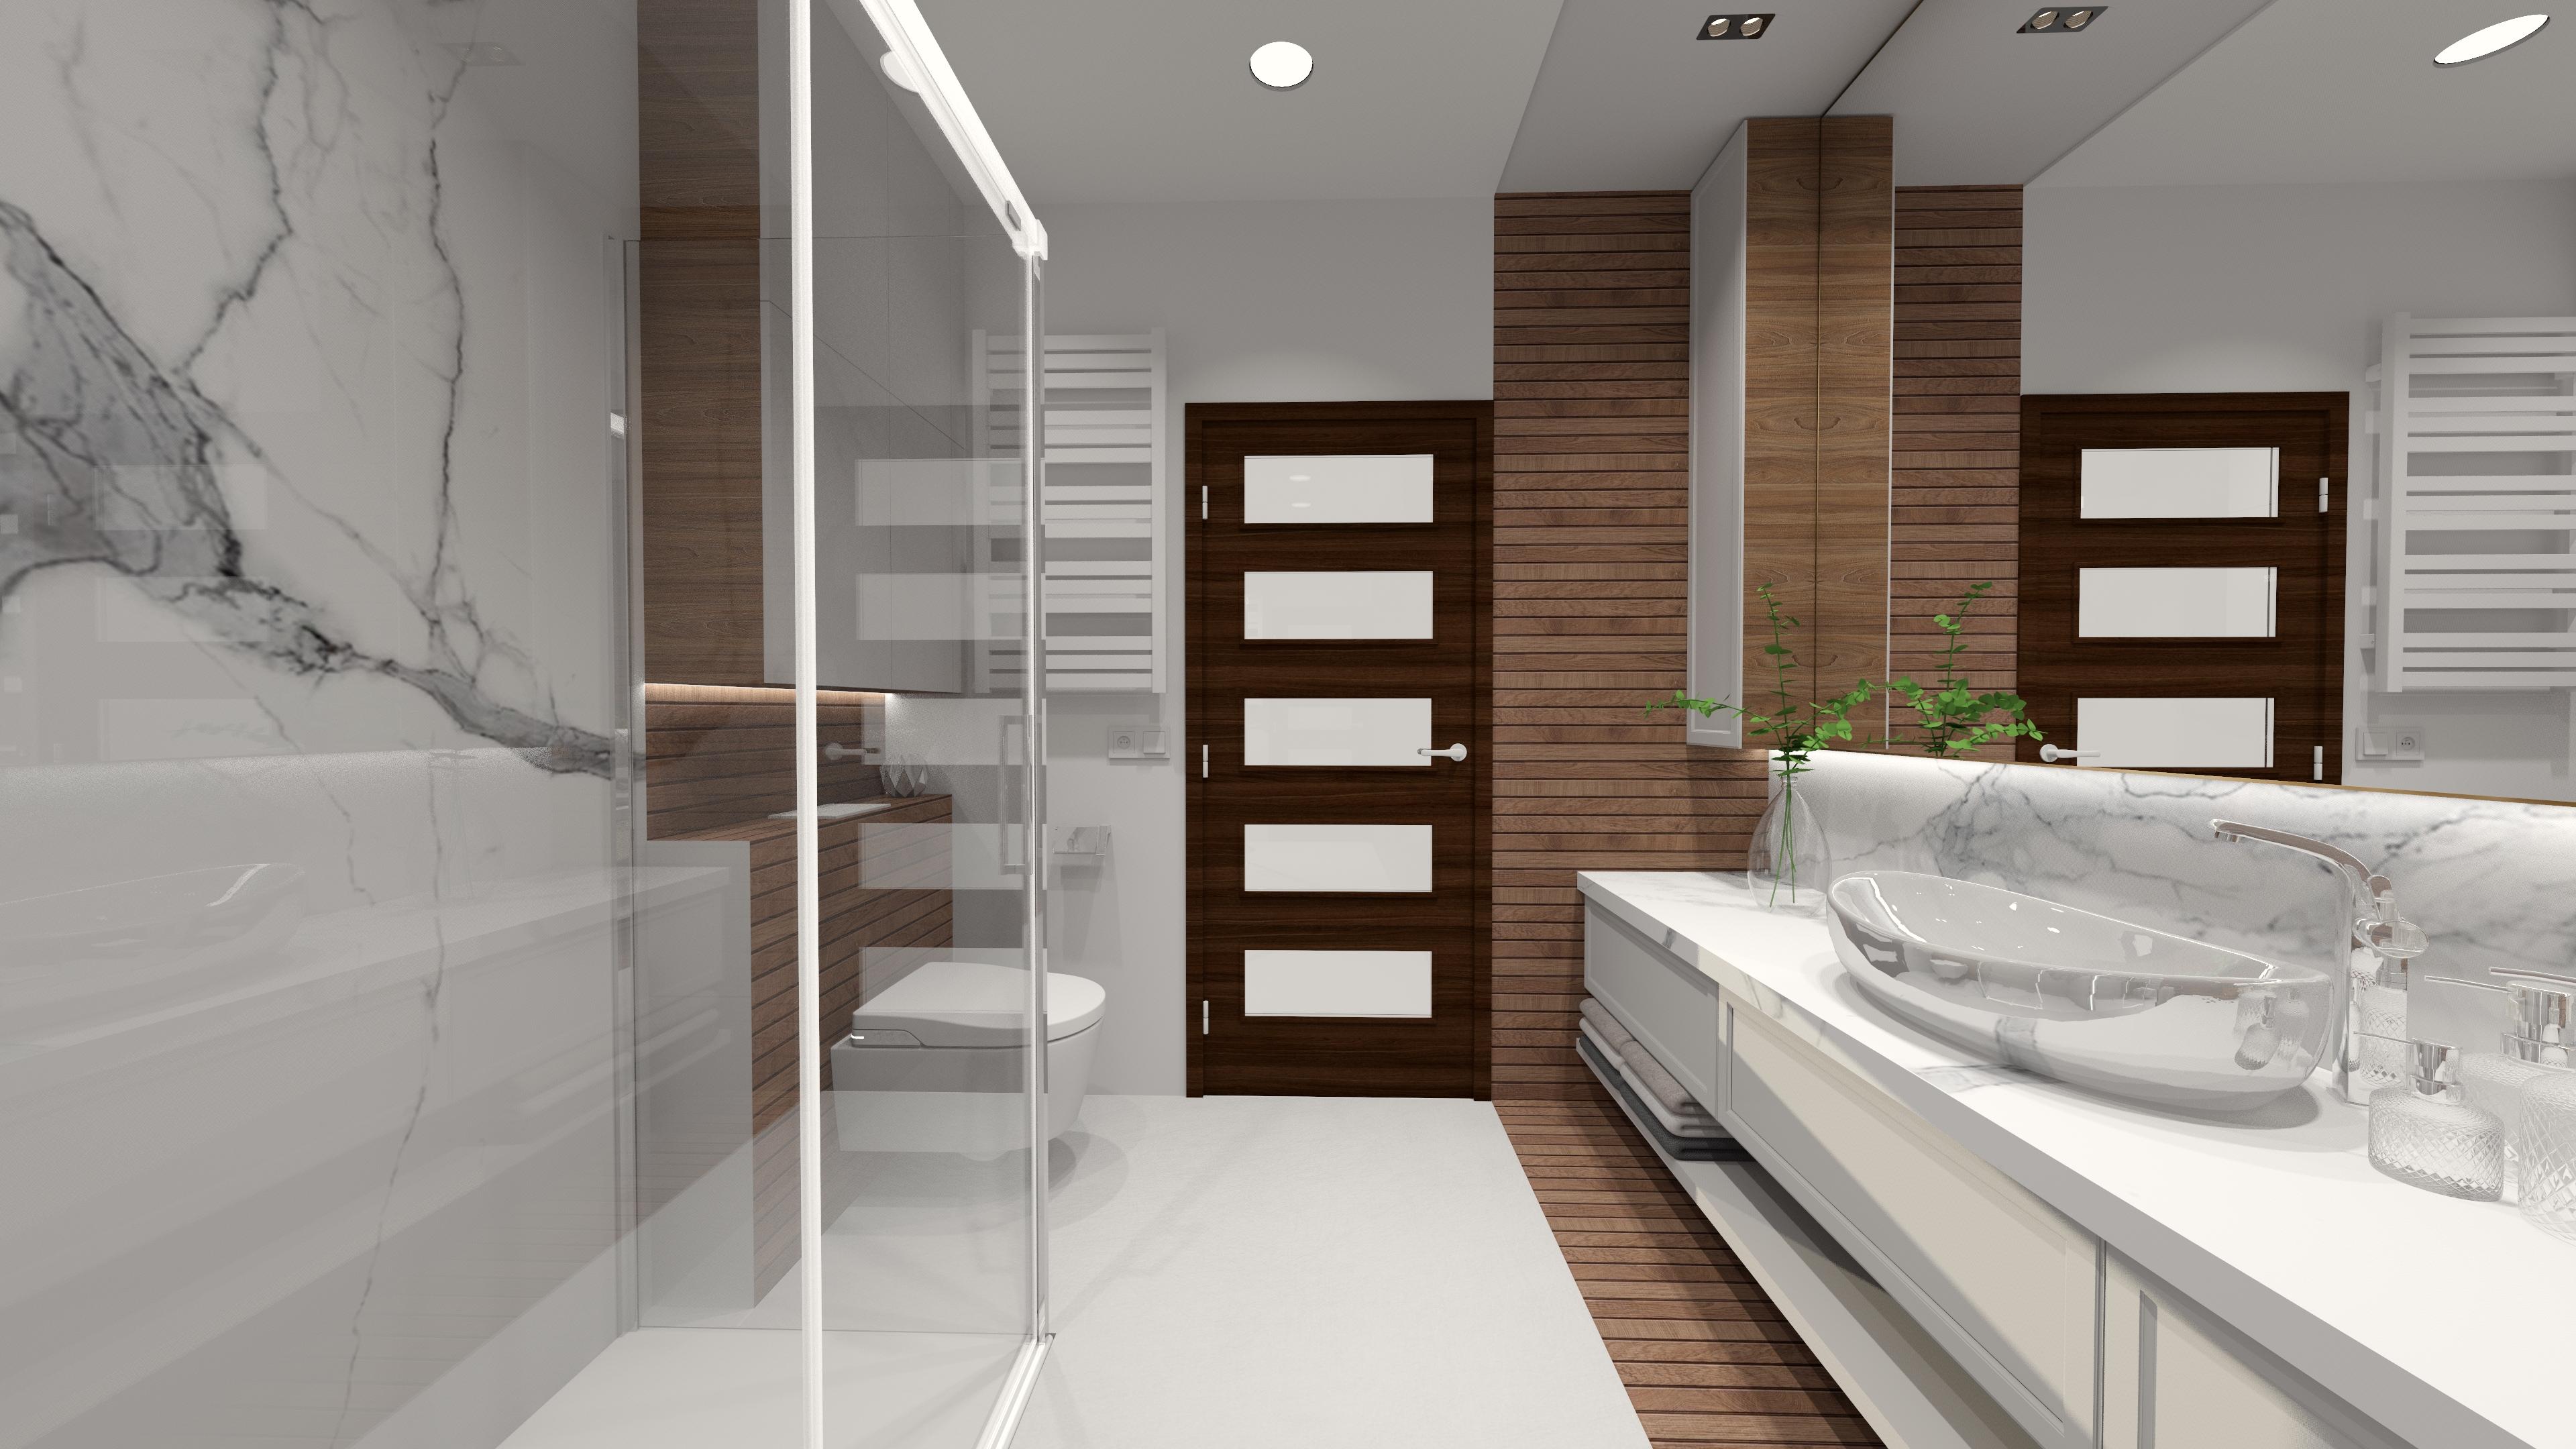 Projekty łazienek Projektant Puławy Pracownia Małgorzata